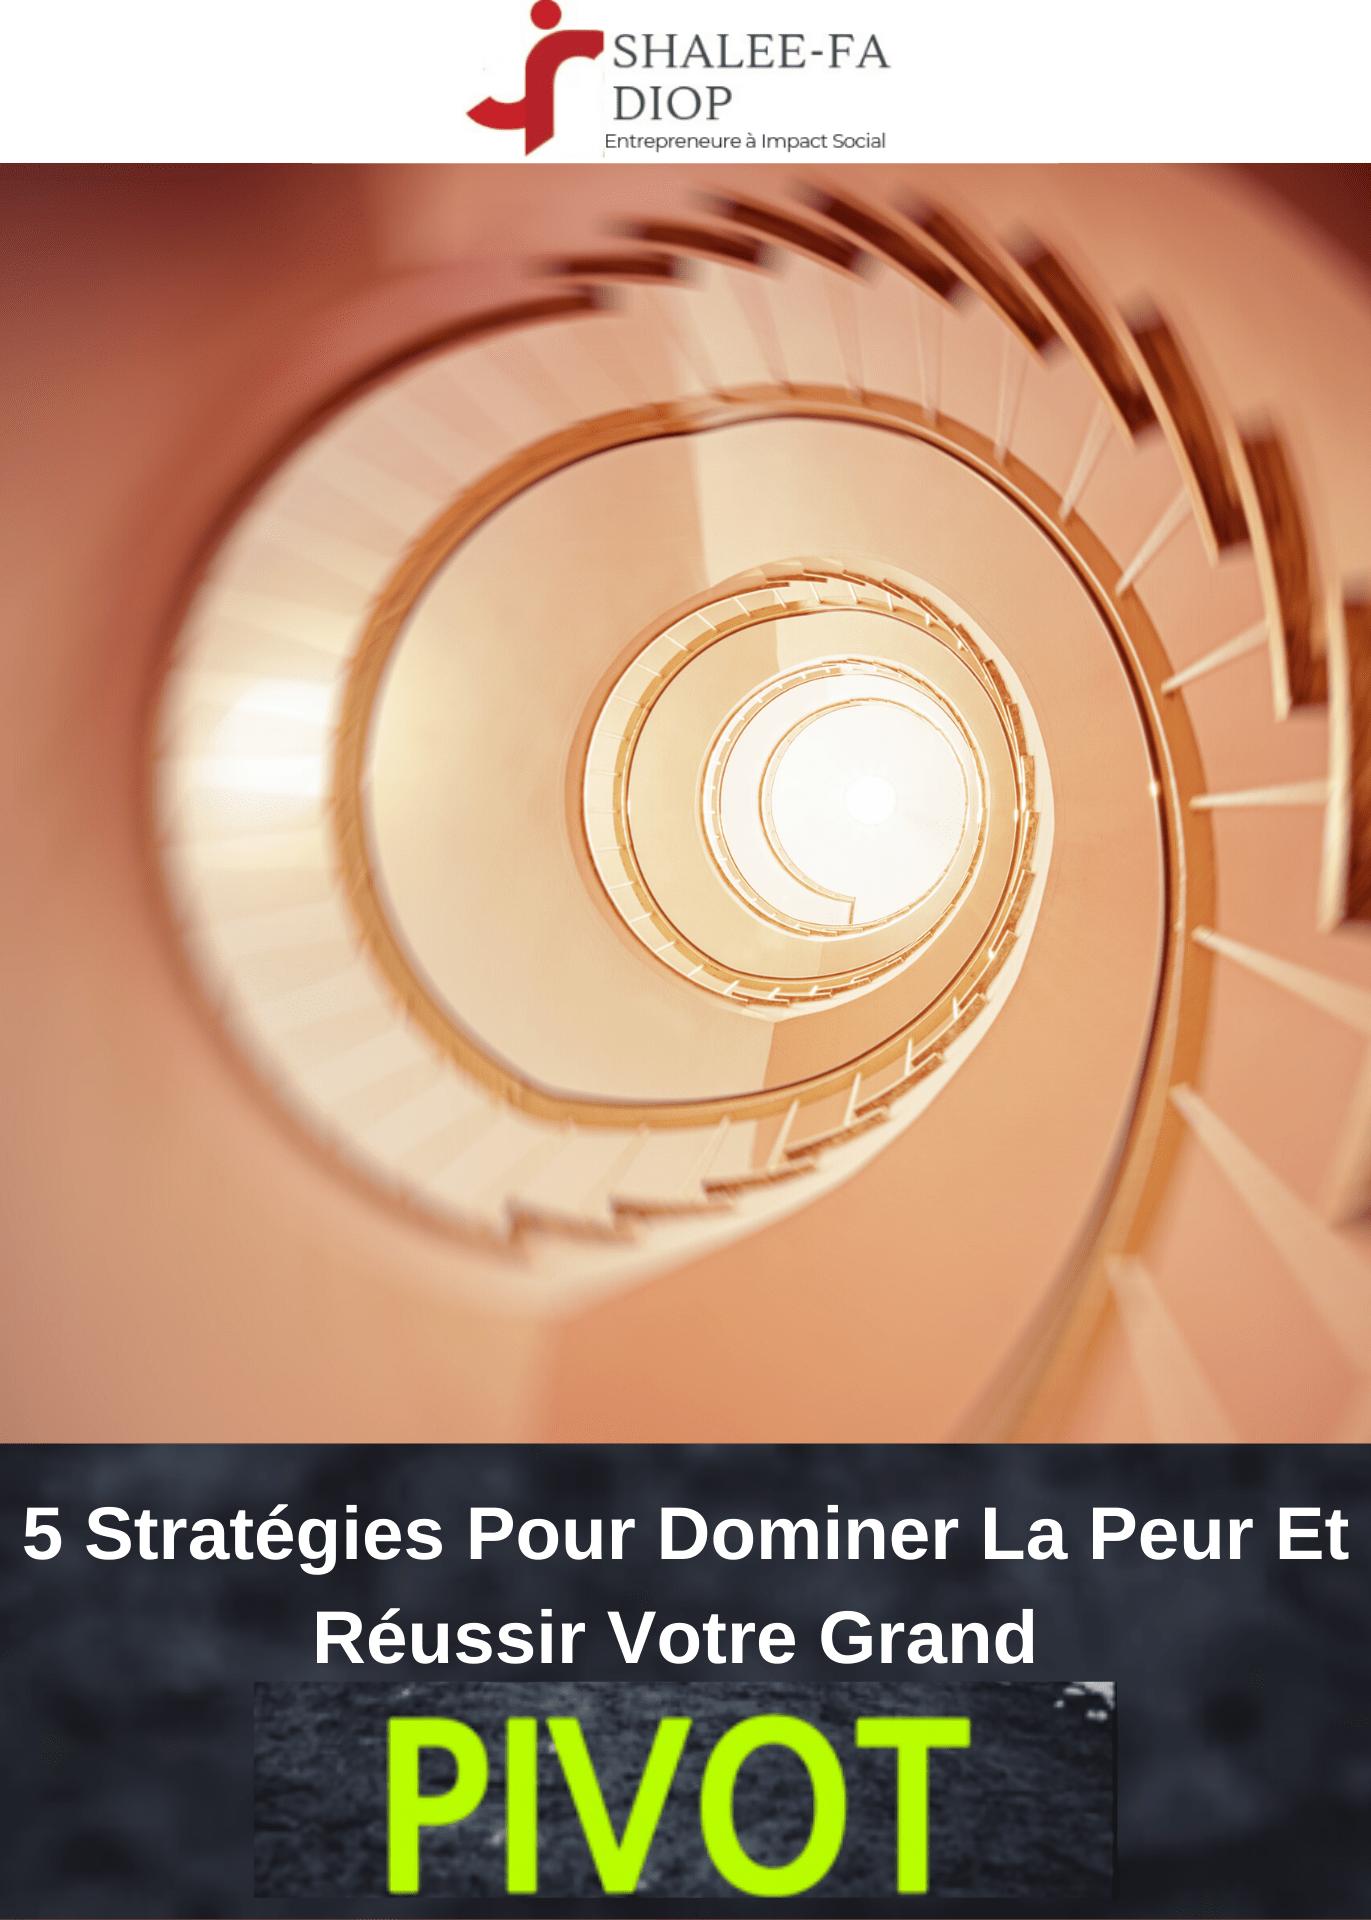 5 Stratégies Pour Dominer La Peur Et Réussir Votre Grand -final2